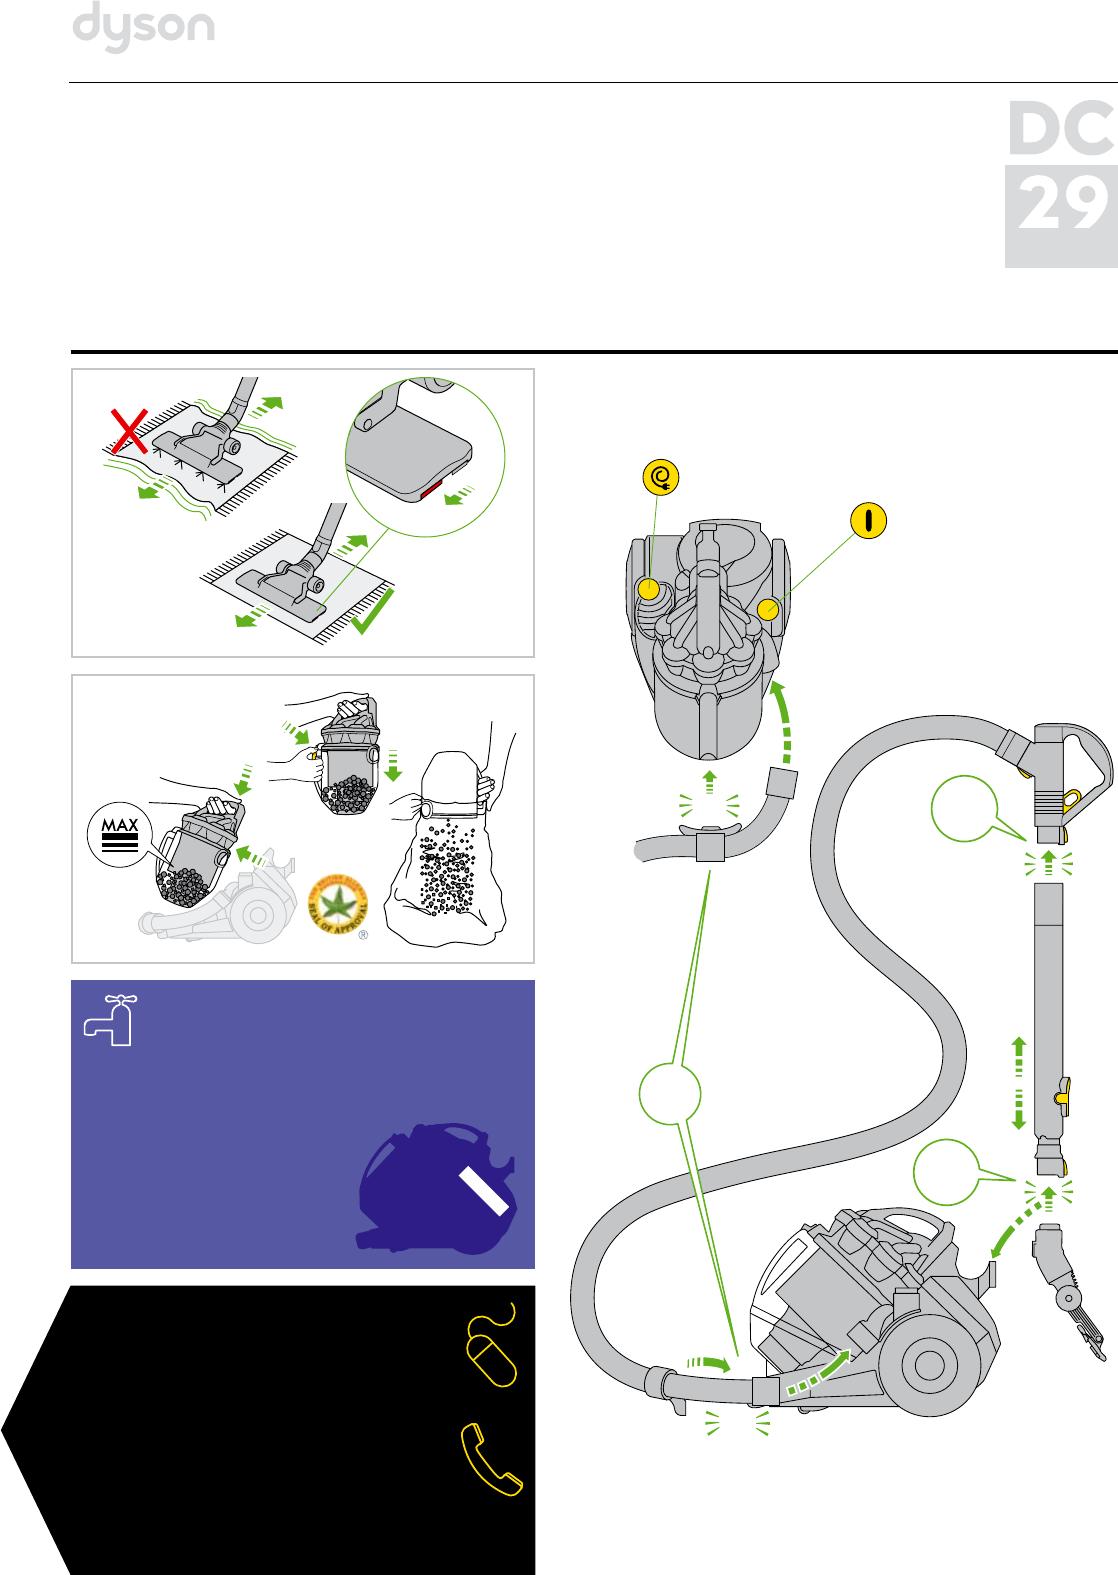 Инструкция по эксплуатации к пылесосу дайсон обогреватель dyson am05 белый